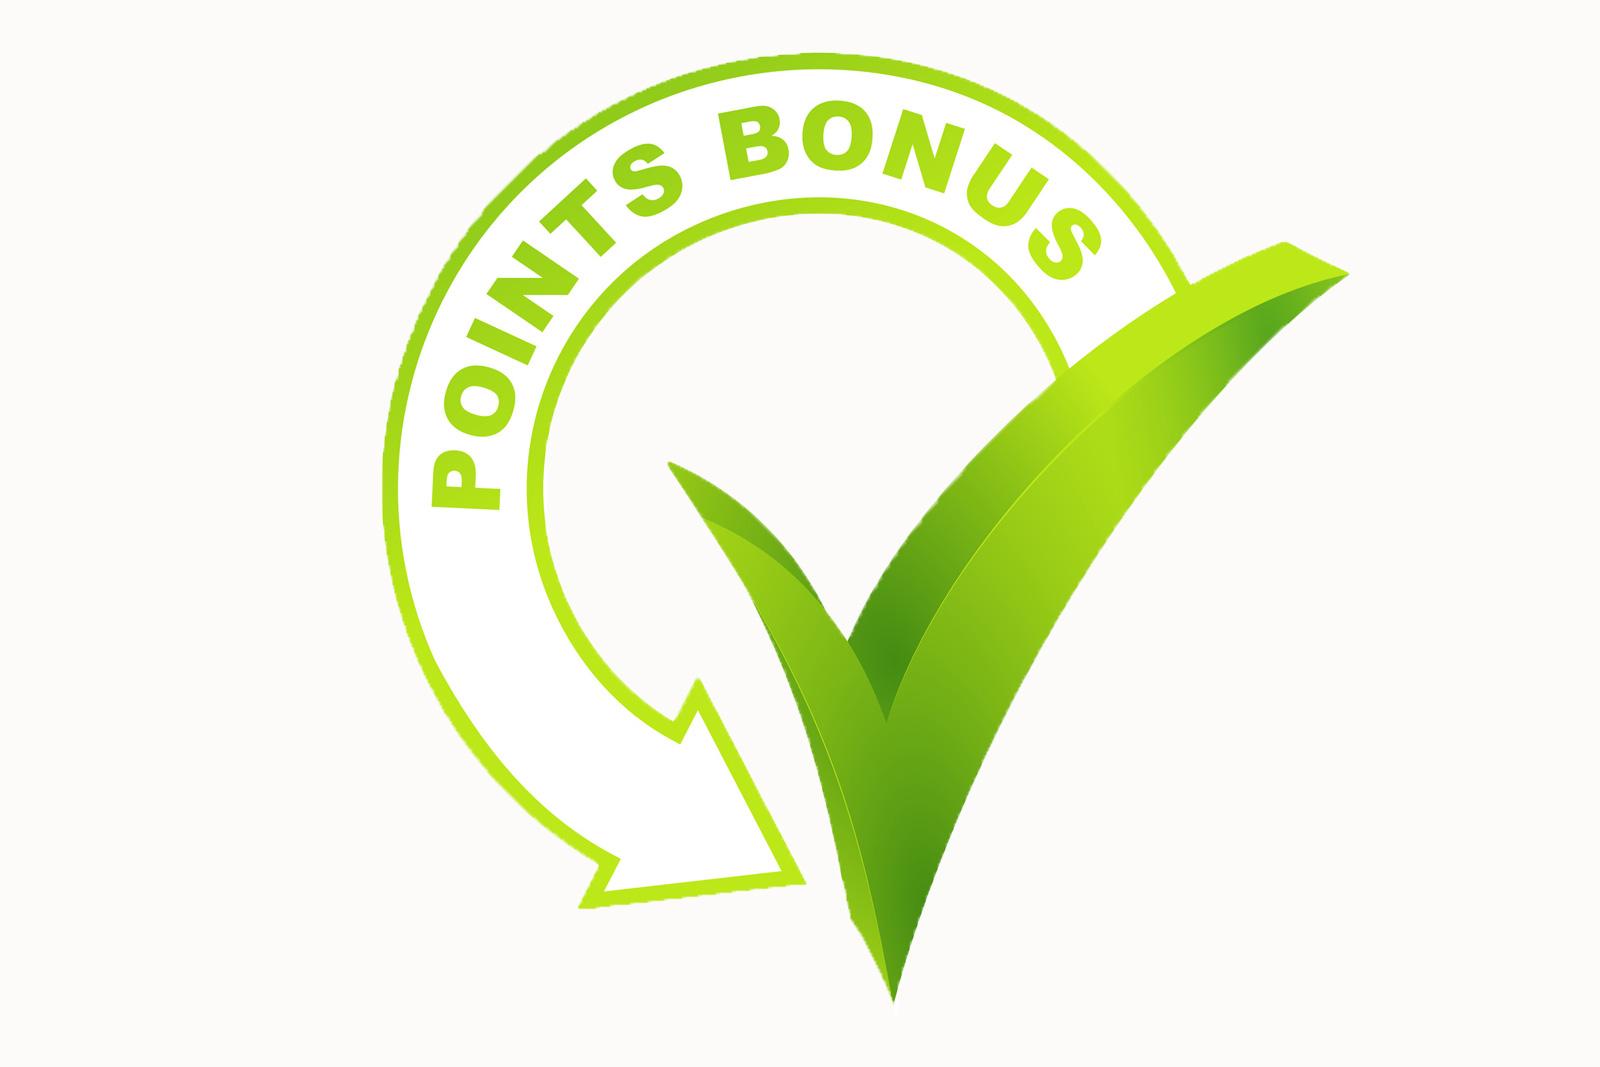 Bonuspunkte-Danke